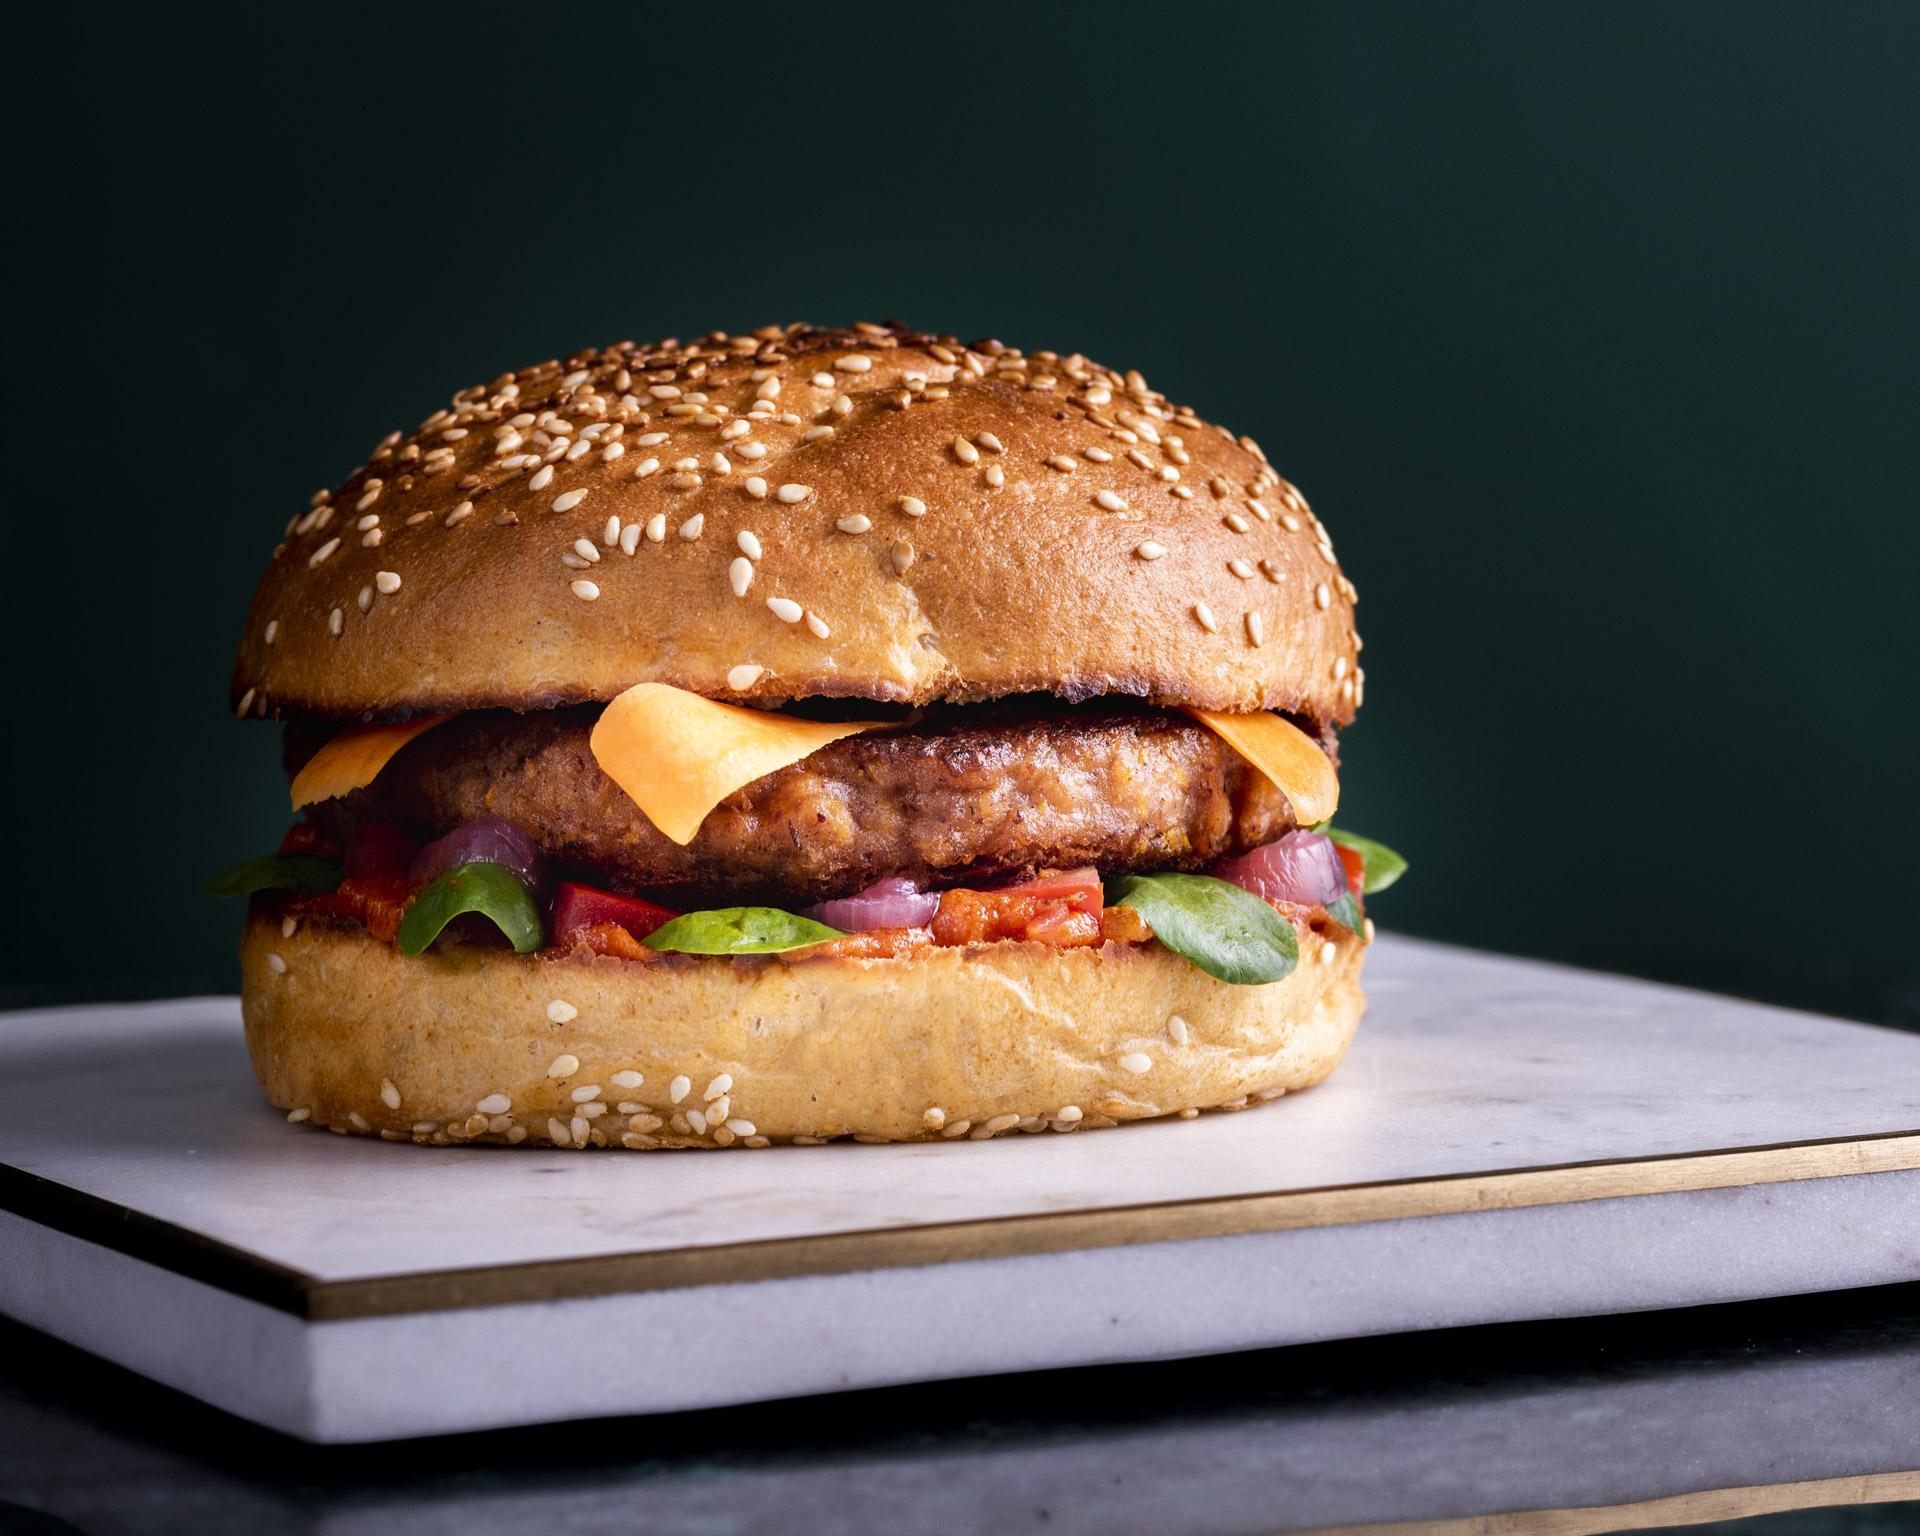 La carte - Amis végan j'ai pensé à vous avec ce burger